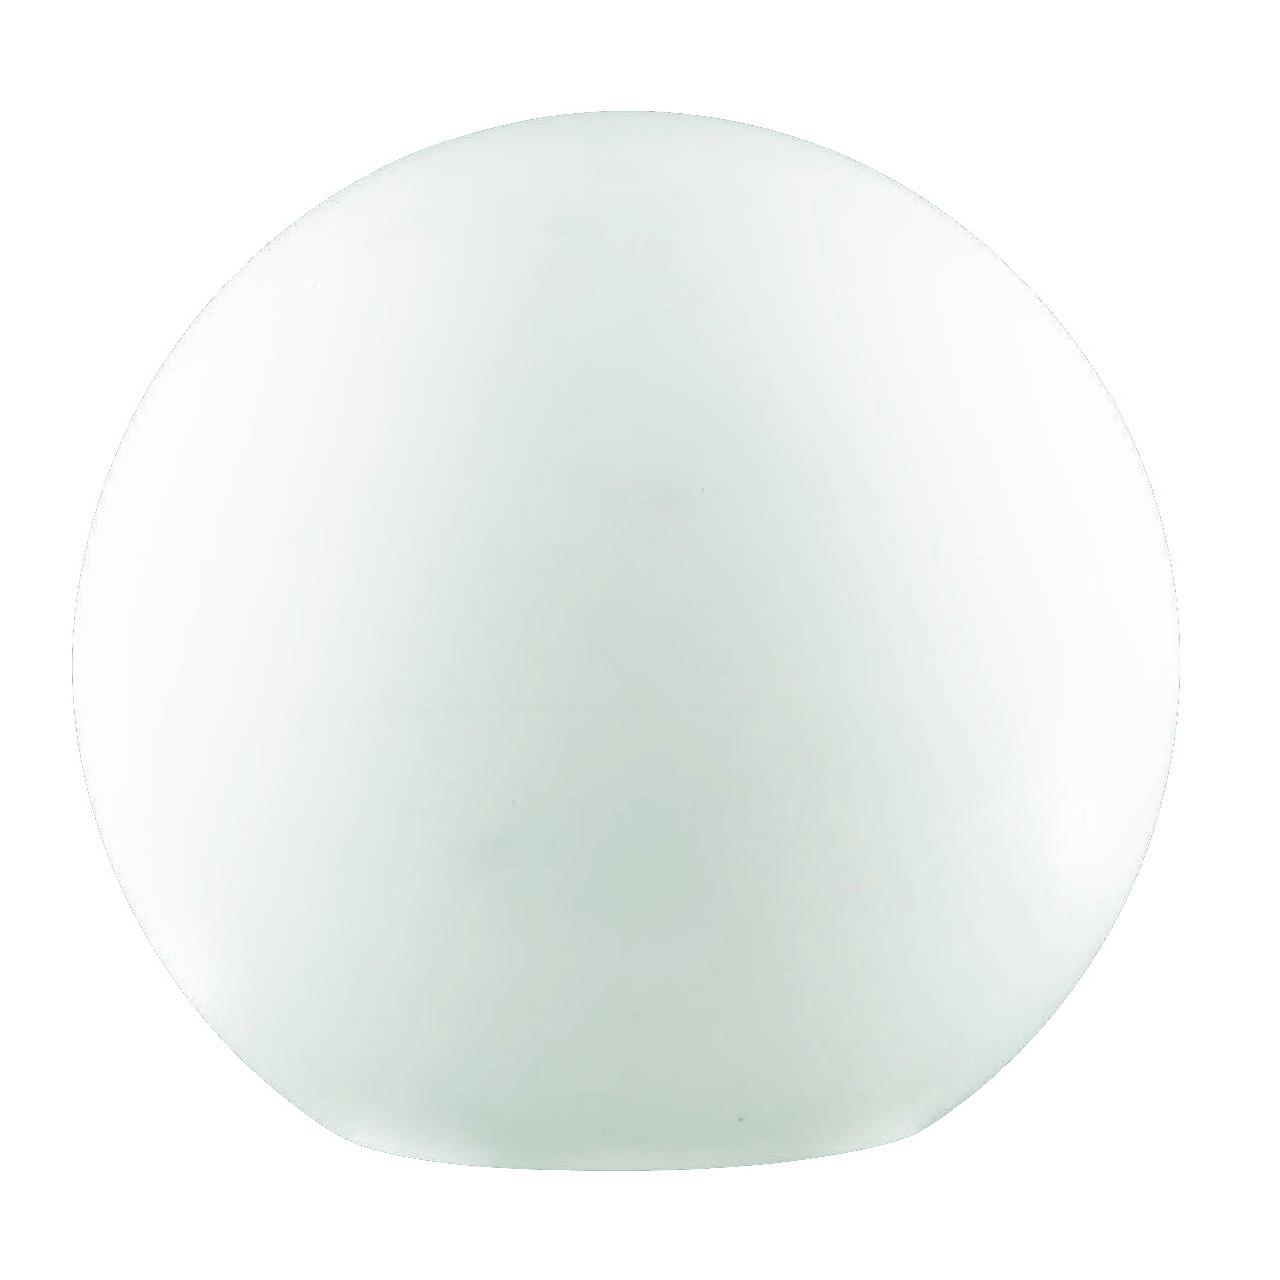 Уличный светильник Ideal Lux Sole PT1 Medium цена 2017